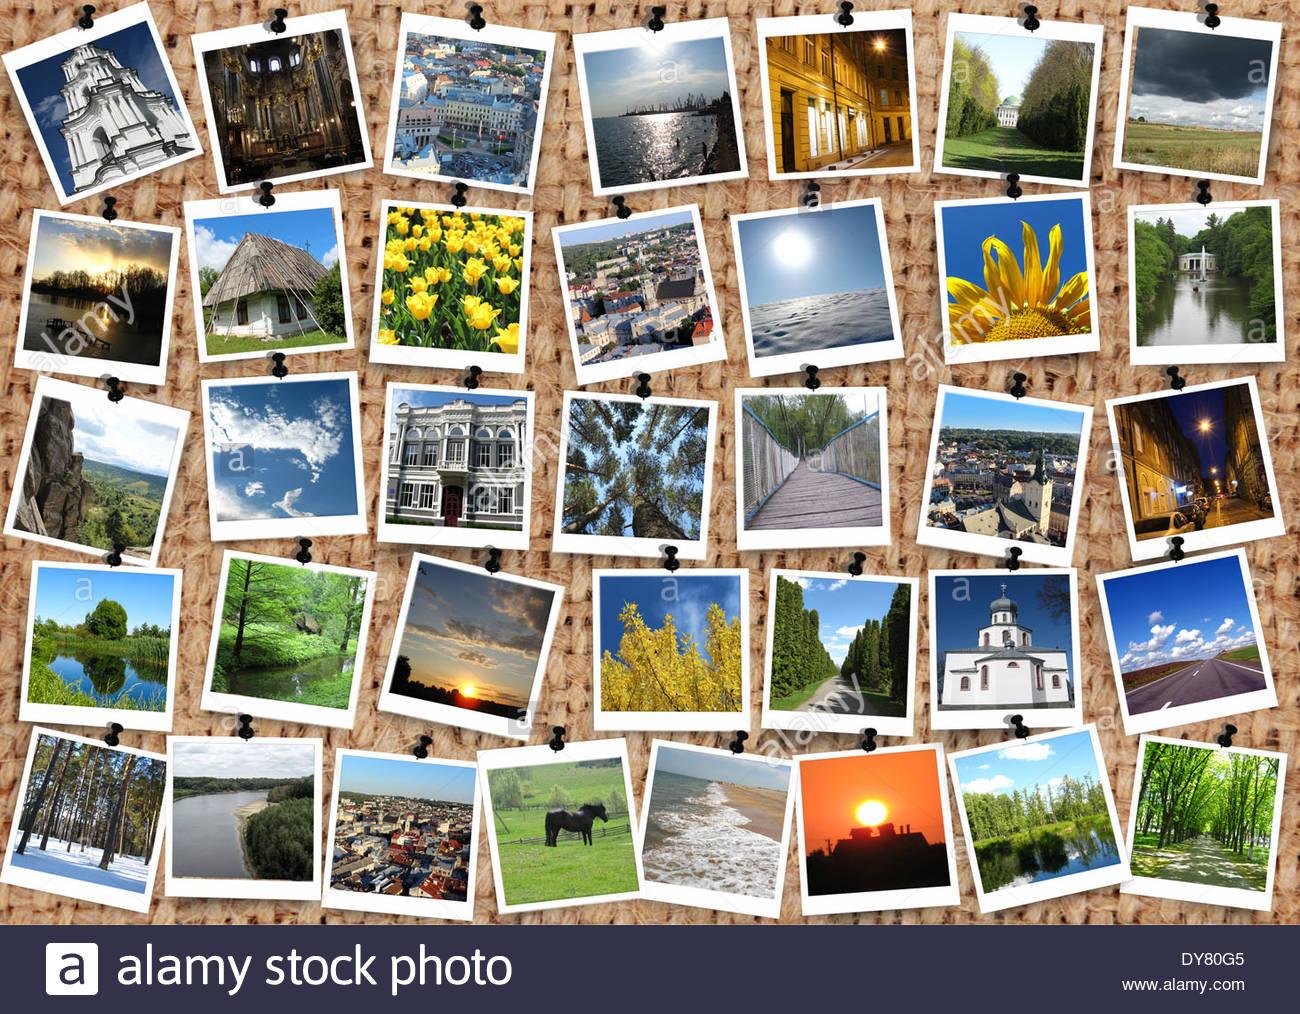 many motley images on the sacking background Stock Photo 68402885 1300x1014